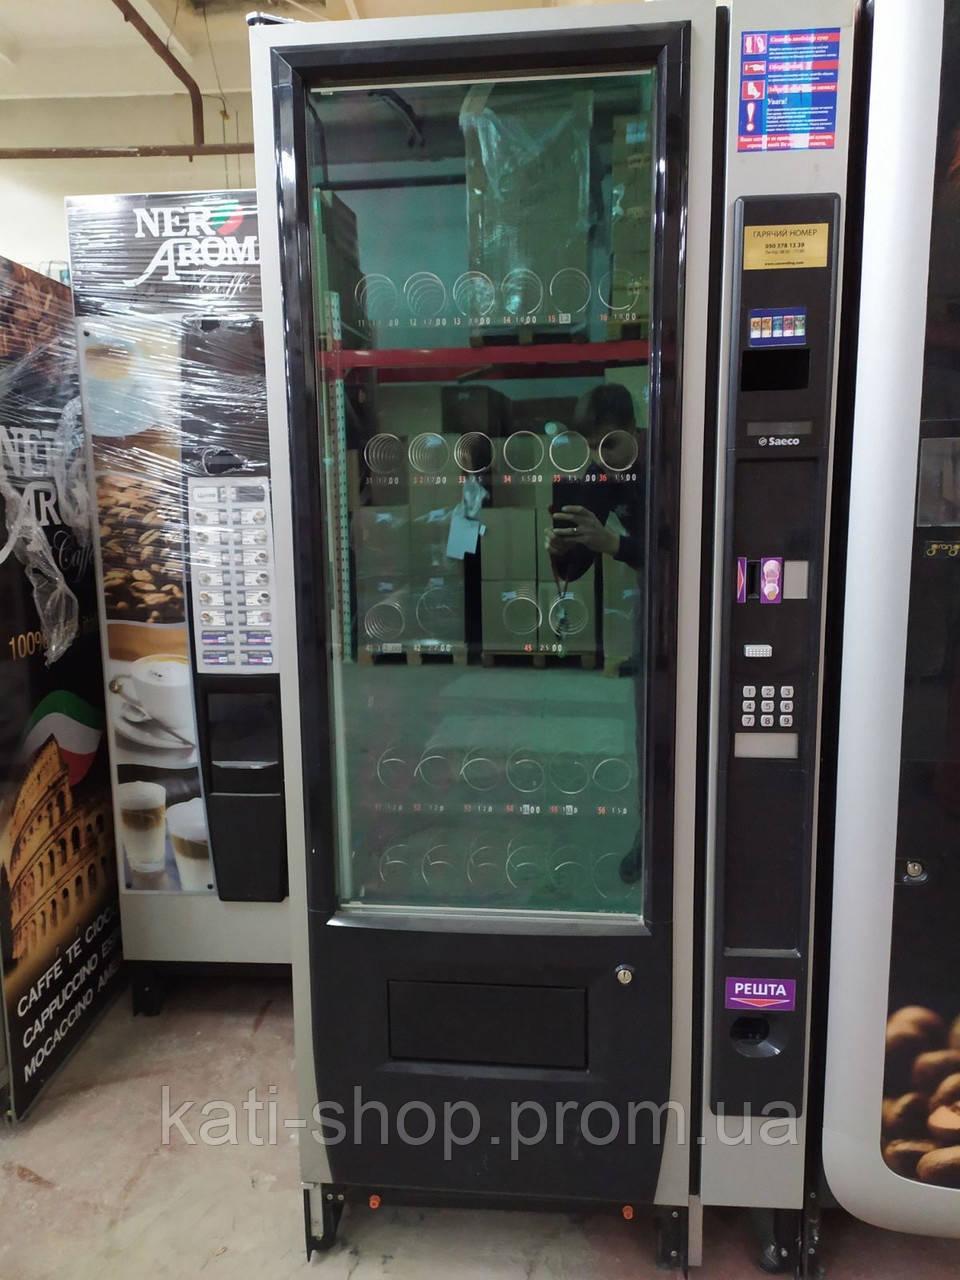 Снековый автомат Saeco Corallo